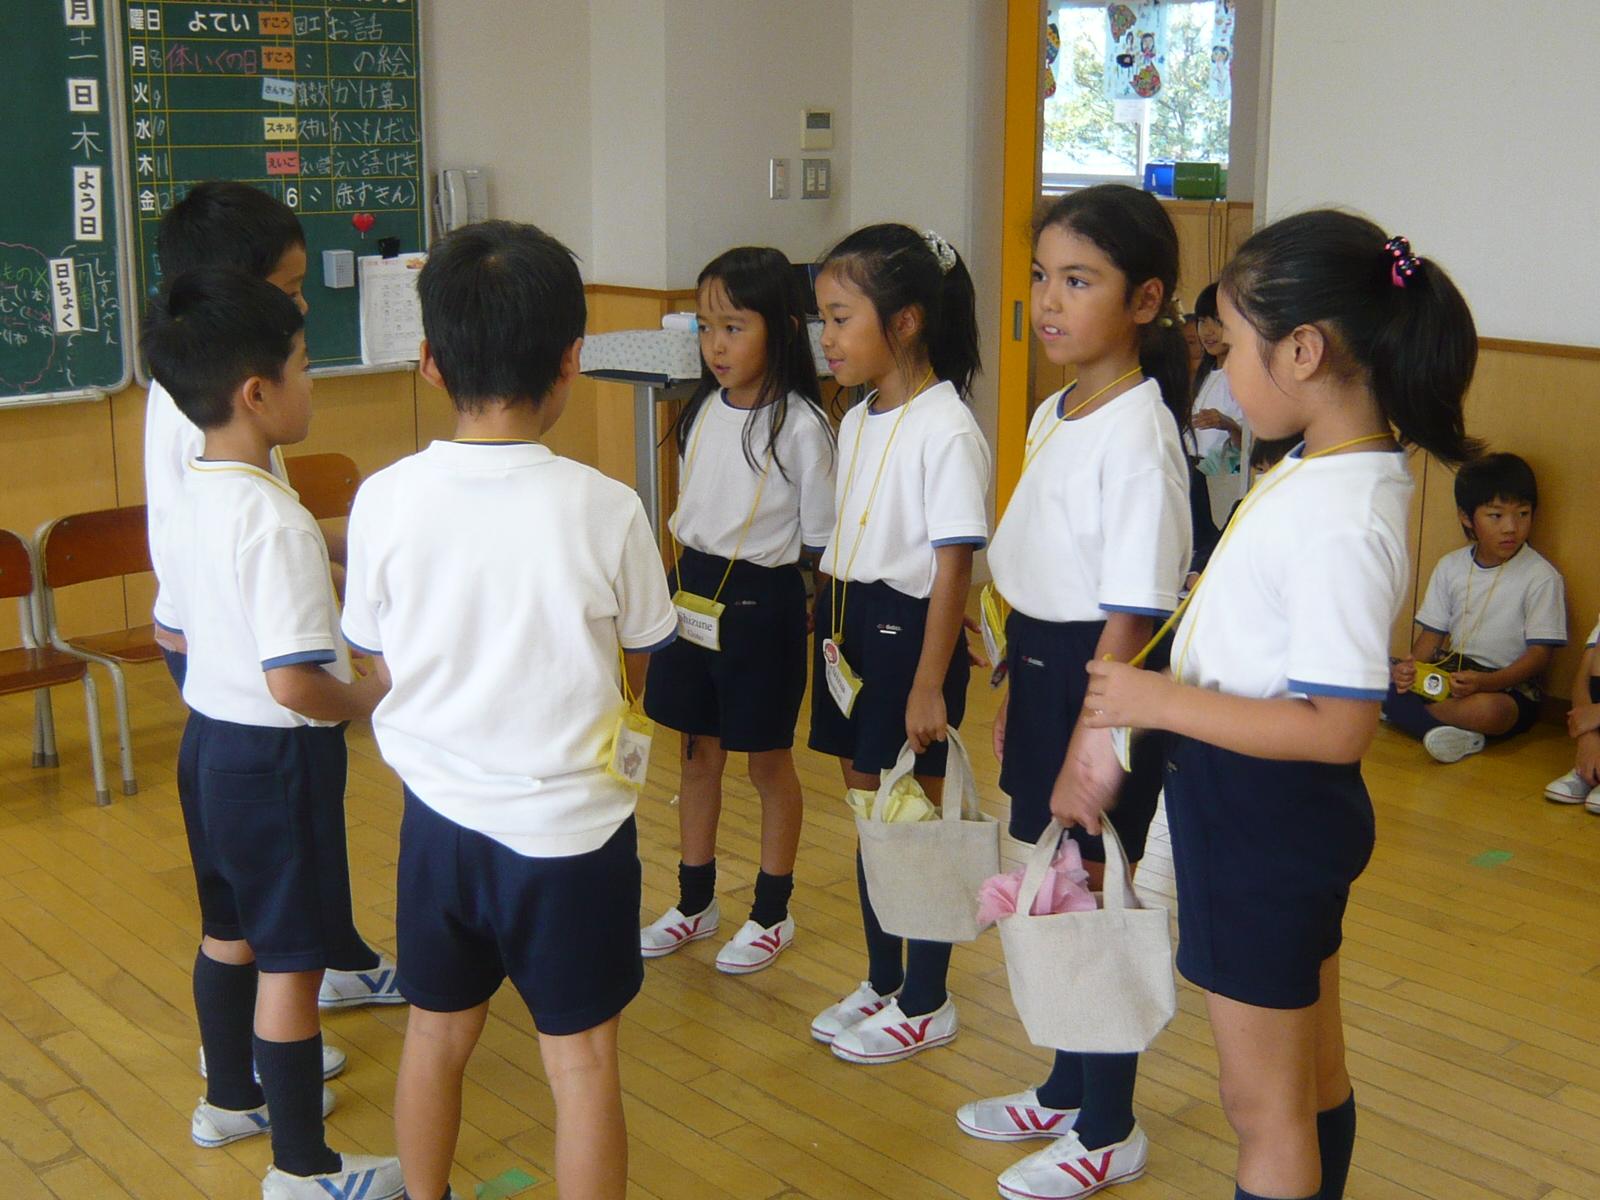 (動)英語劇練習~2年生 : デイリースナップで見る学びのポイント - 岐阜聖徳学園大学附属小学校